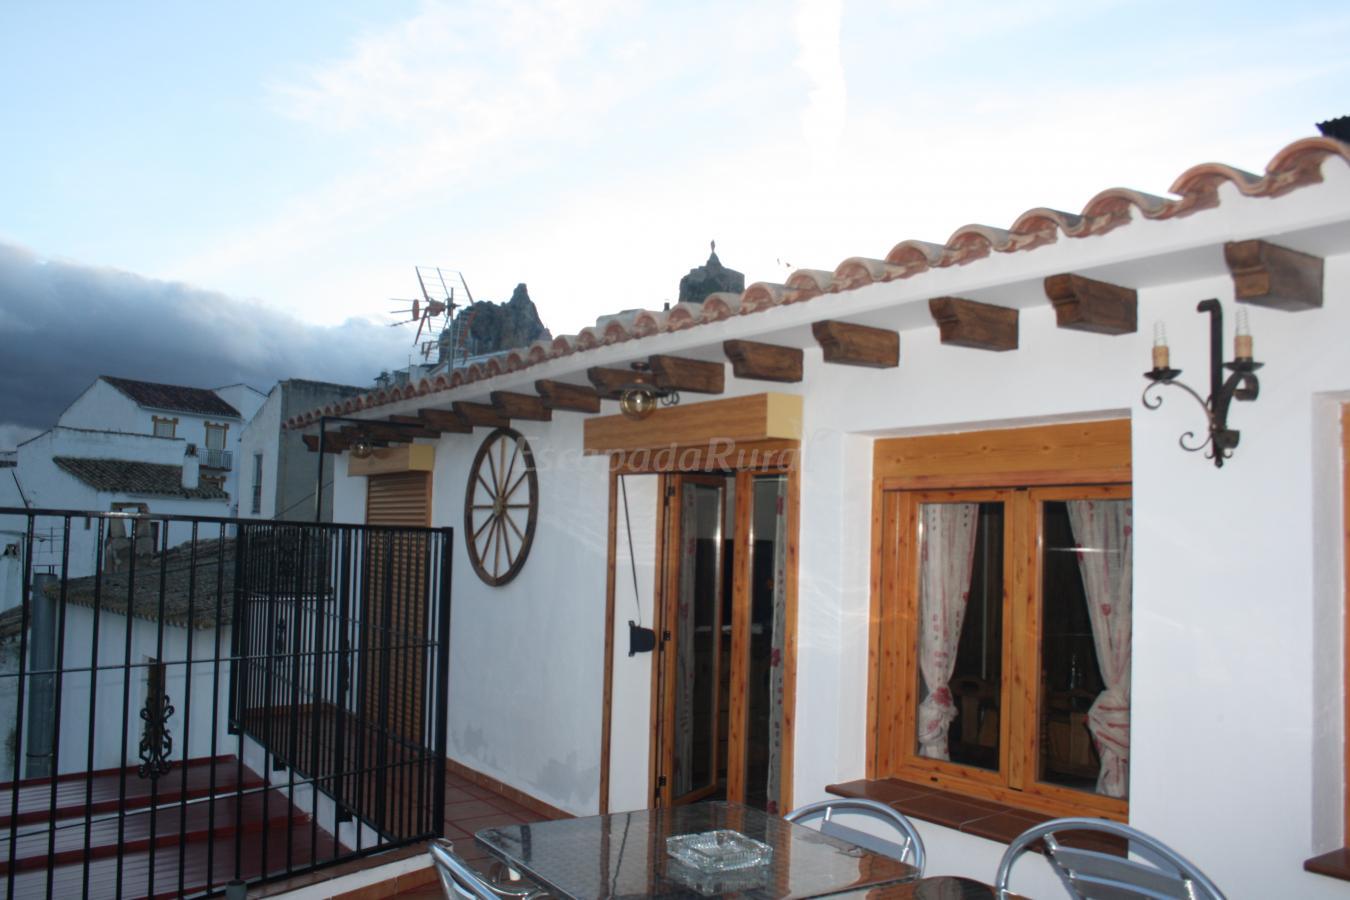 Fotos de alojamiento la parra castril casa rural en castril granada - Casas rurales baratas en castril ...